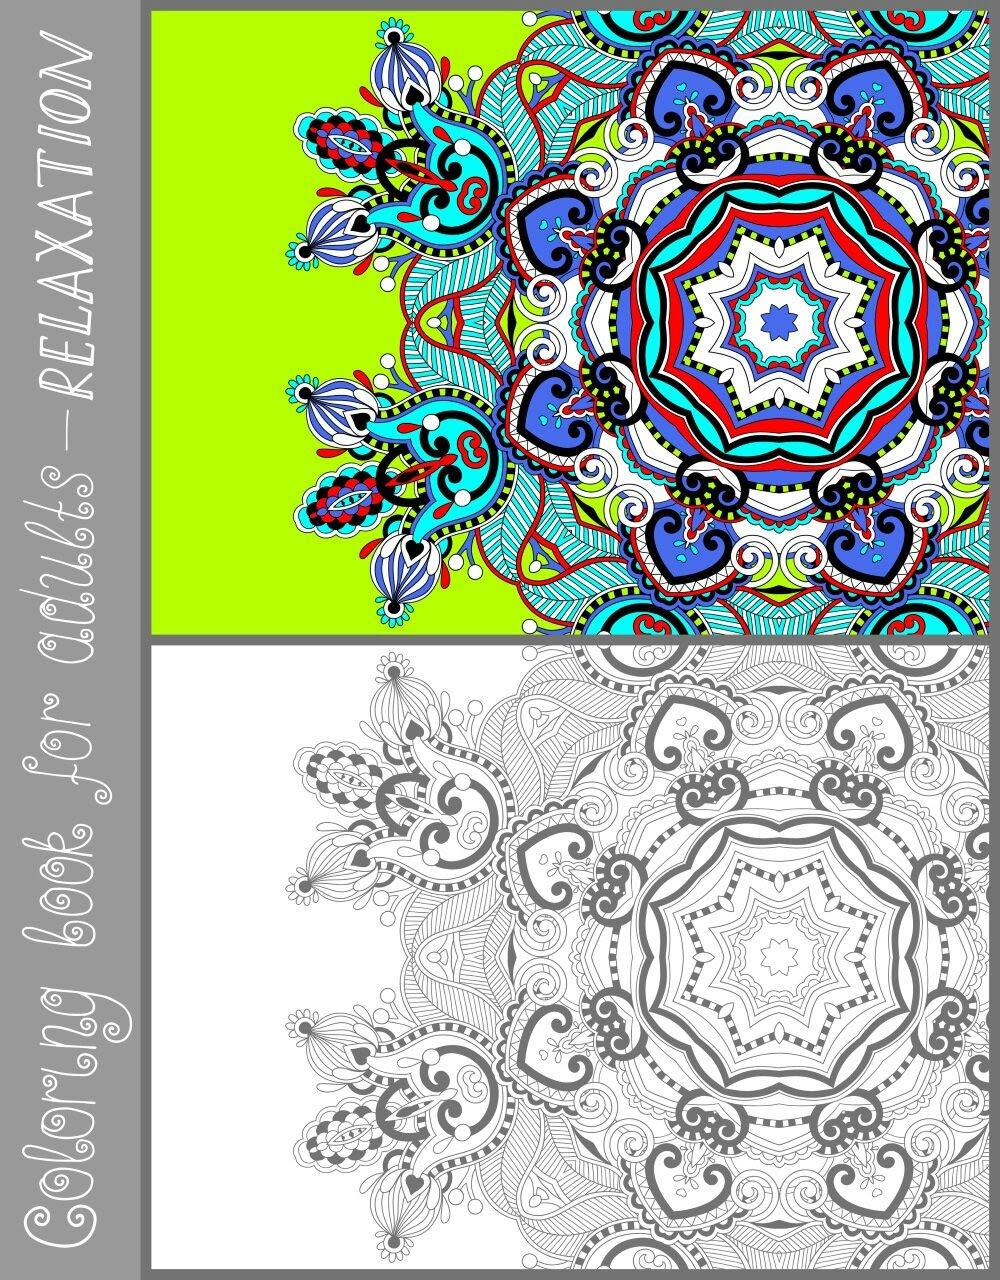 Belle coloriage adulte avec modele couleur imprimer et obtenir une coloriage gratuit ici - Coloriage avec modele ...